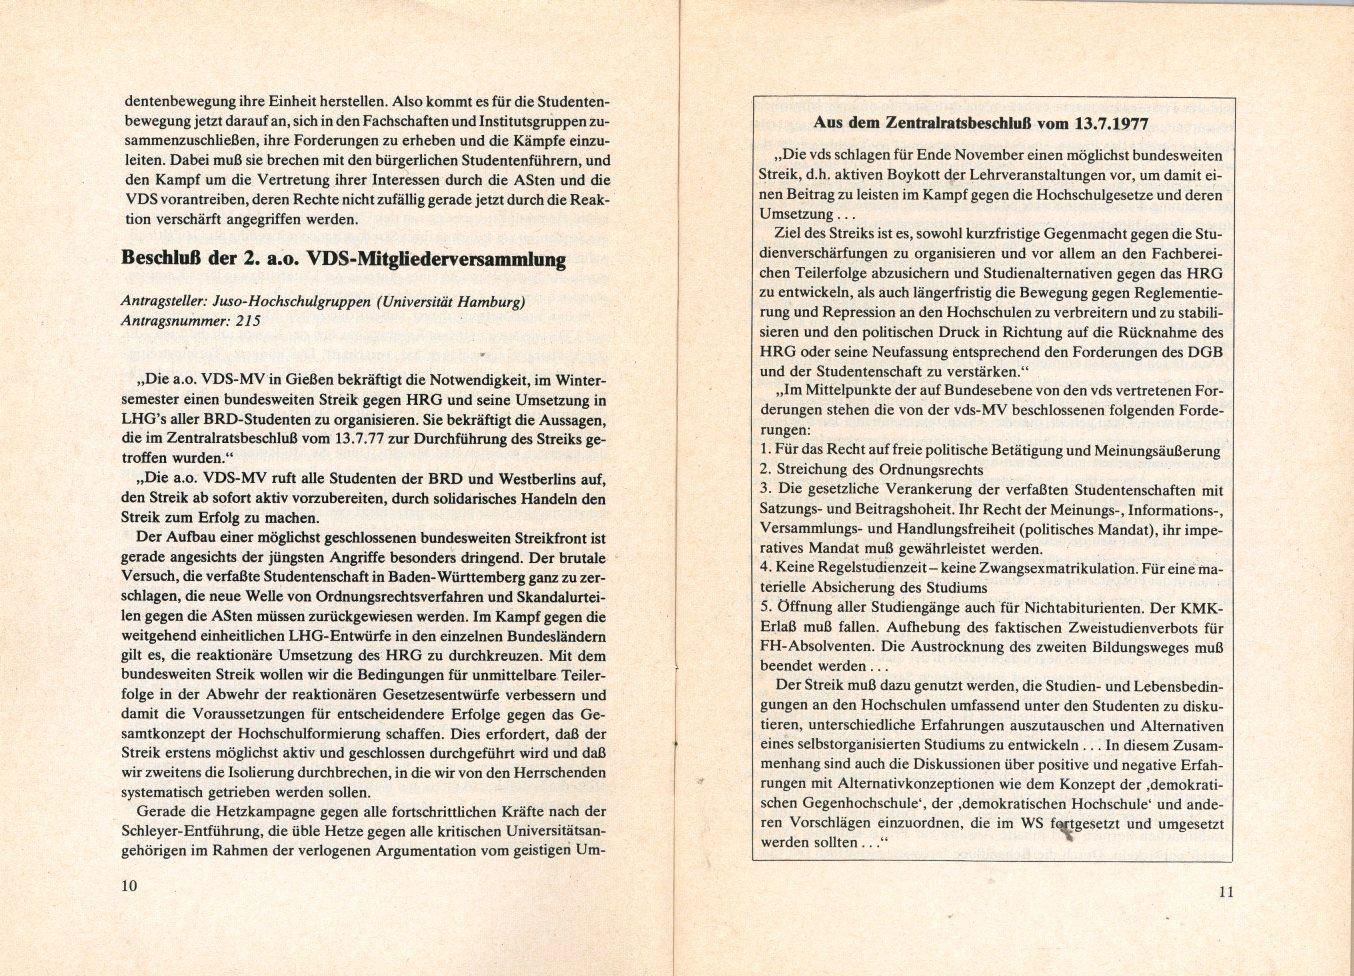 VDS_KBW_1977_MV_in_Giessen_06